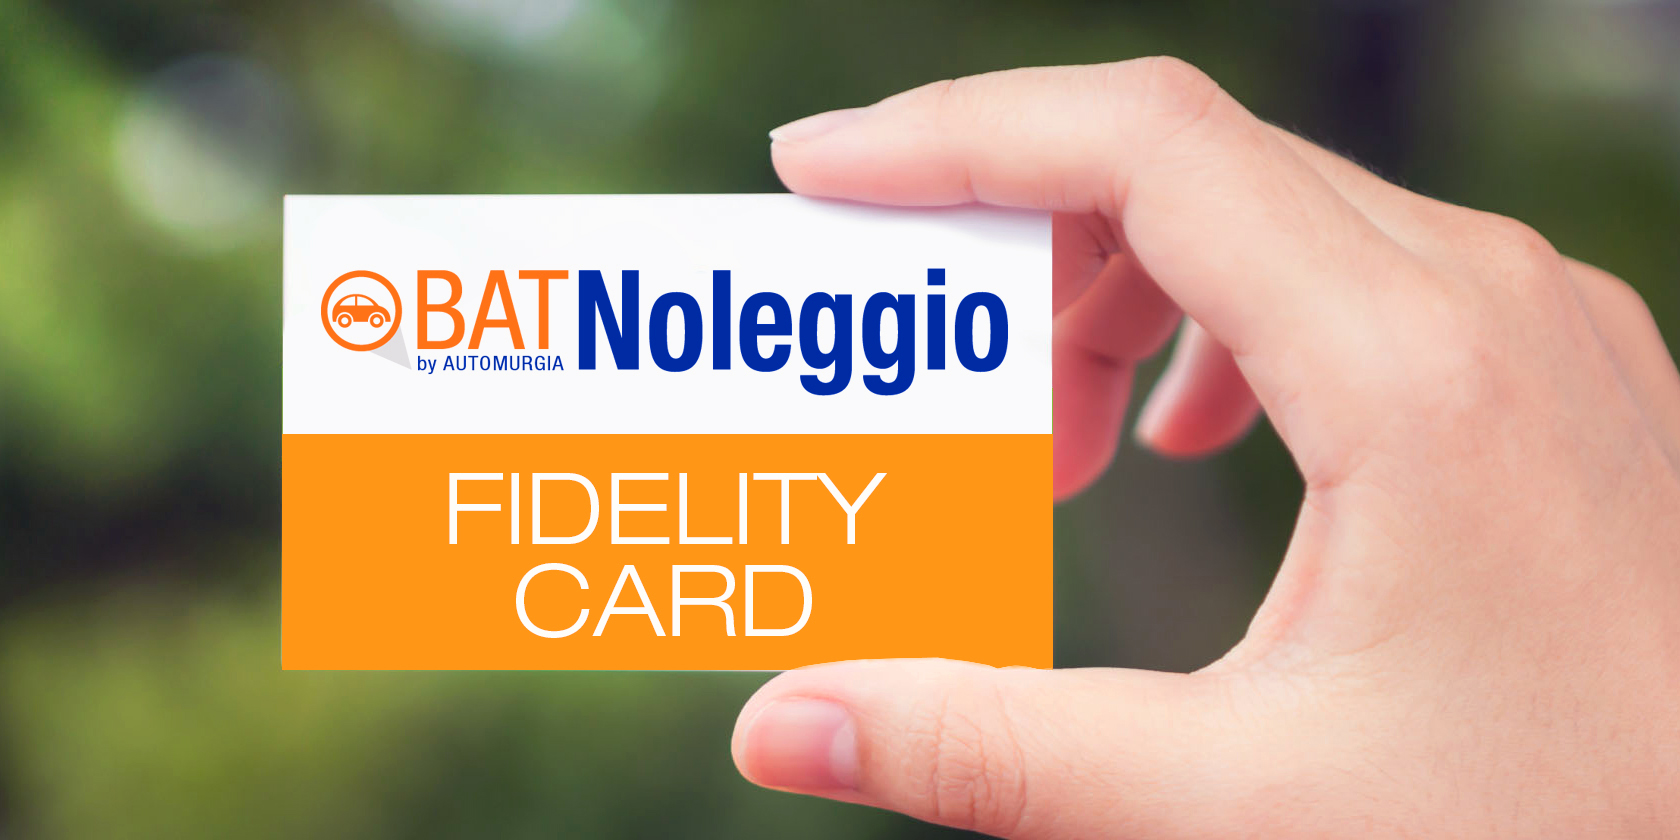 Card Noleggio